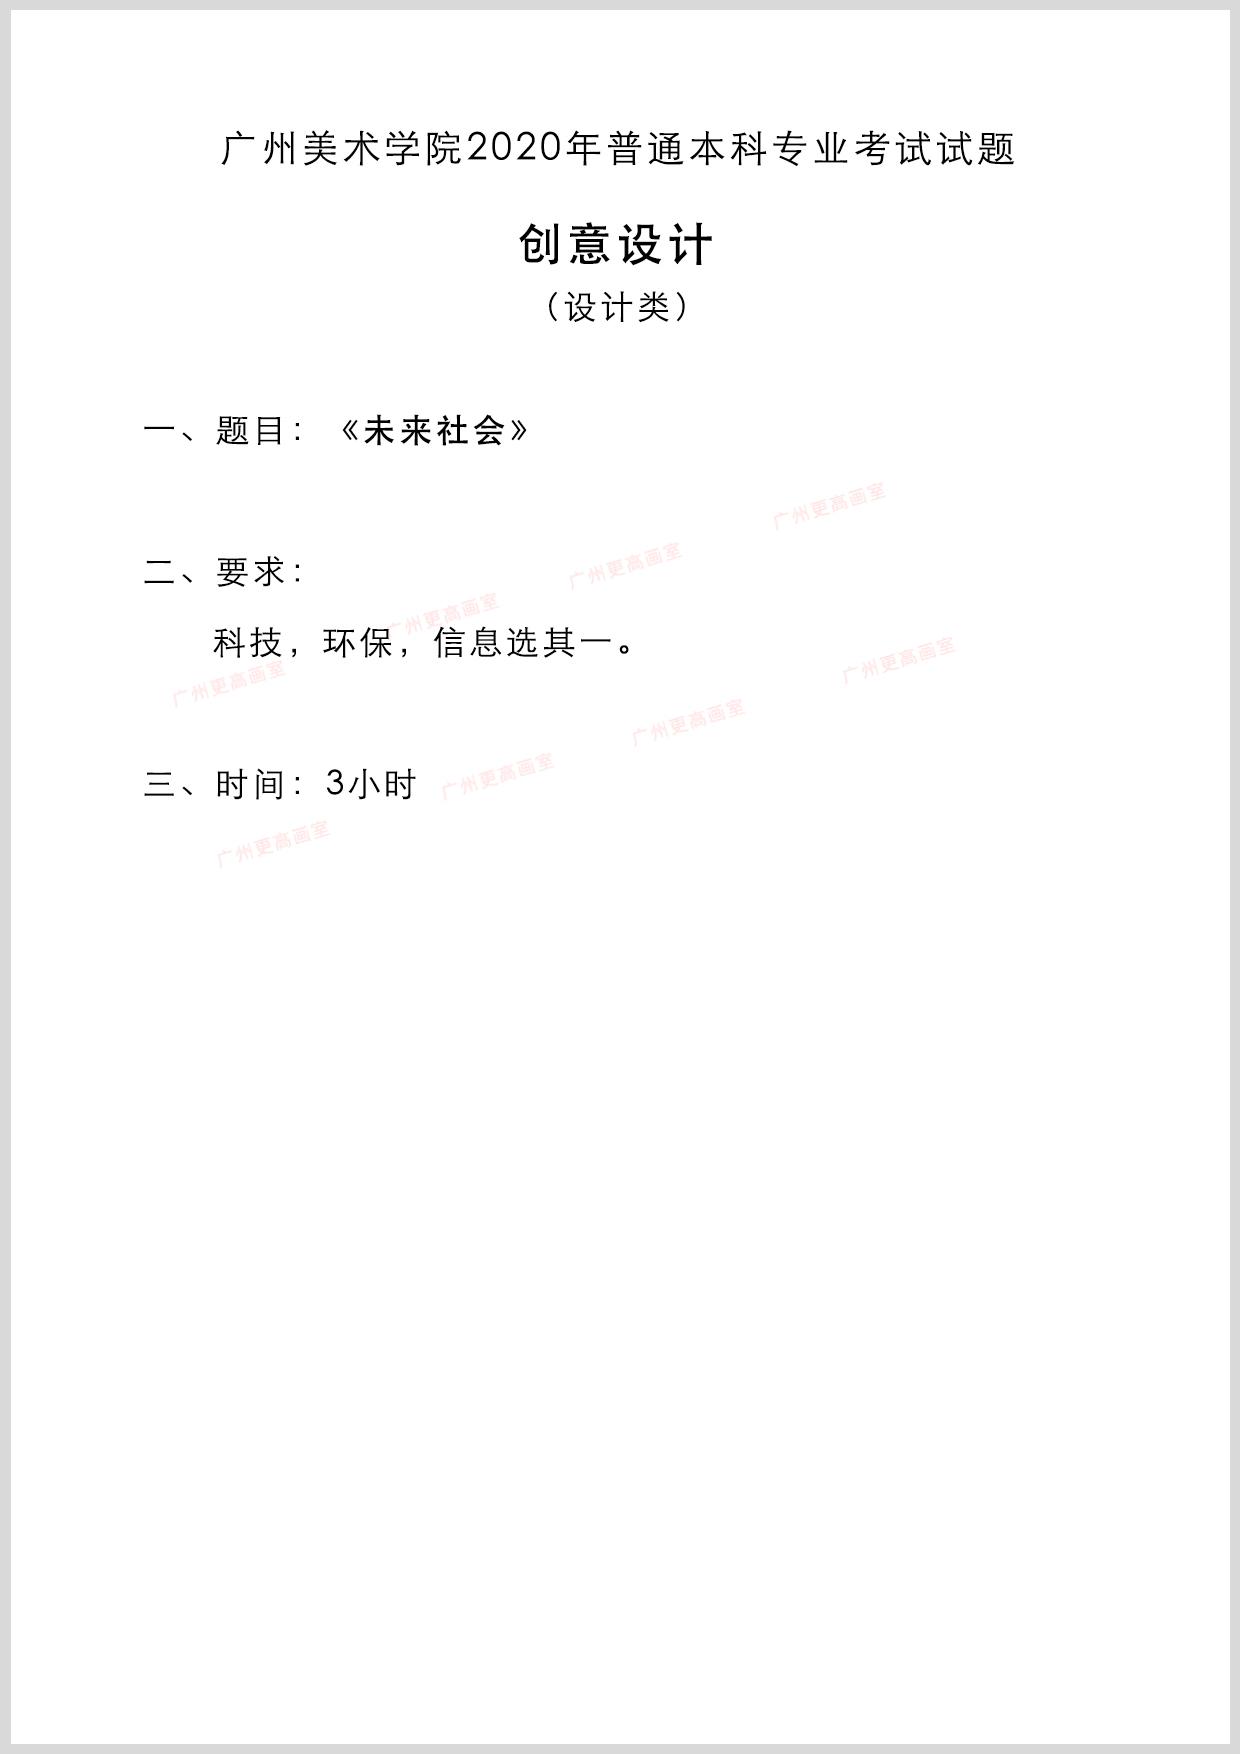 2020廣東設計.jpg